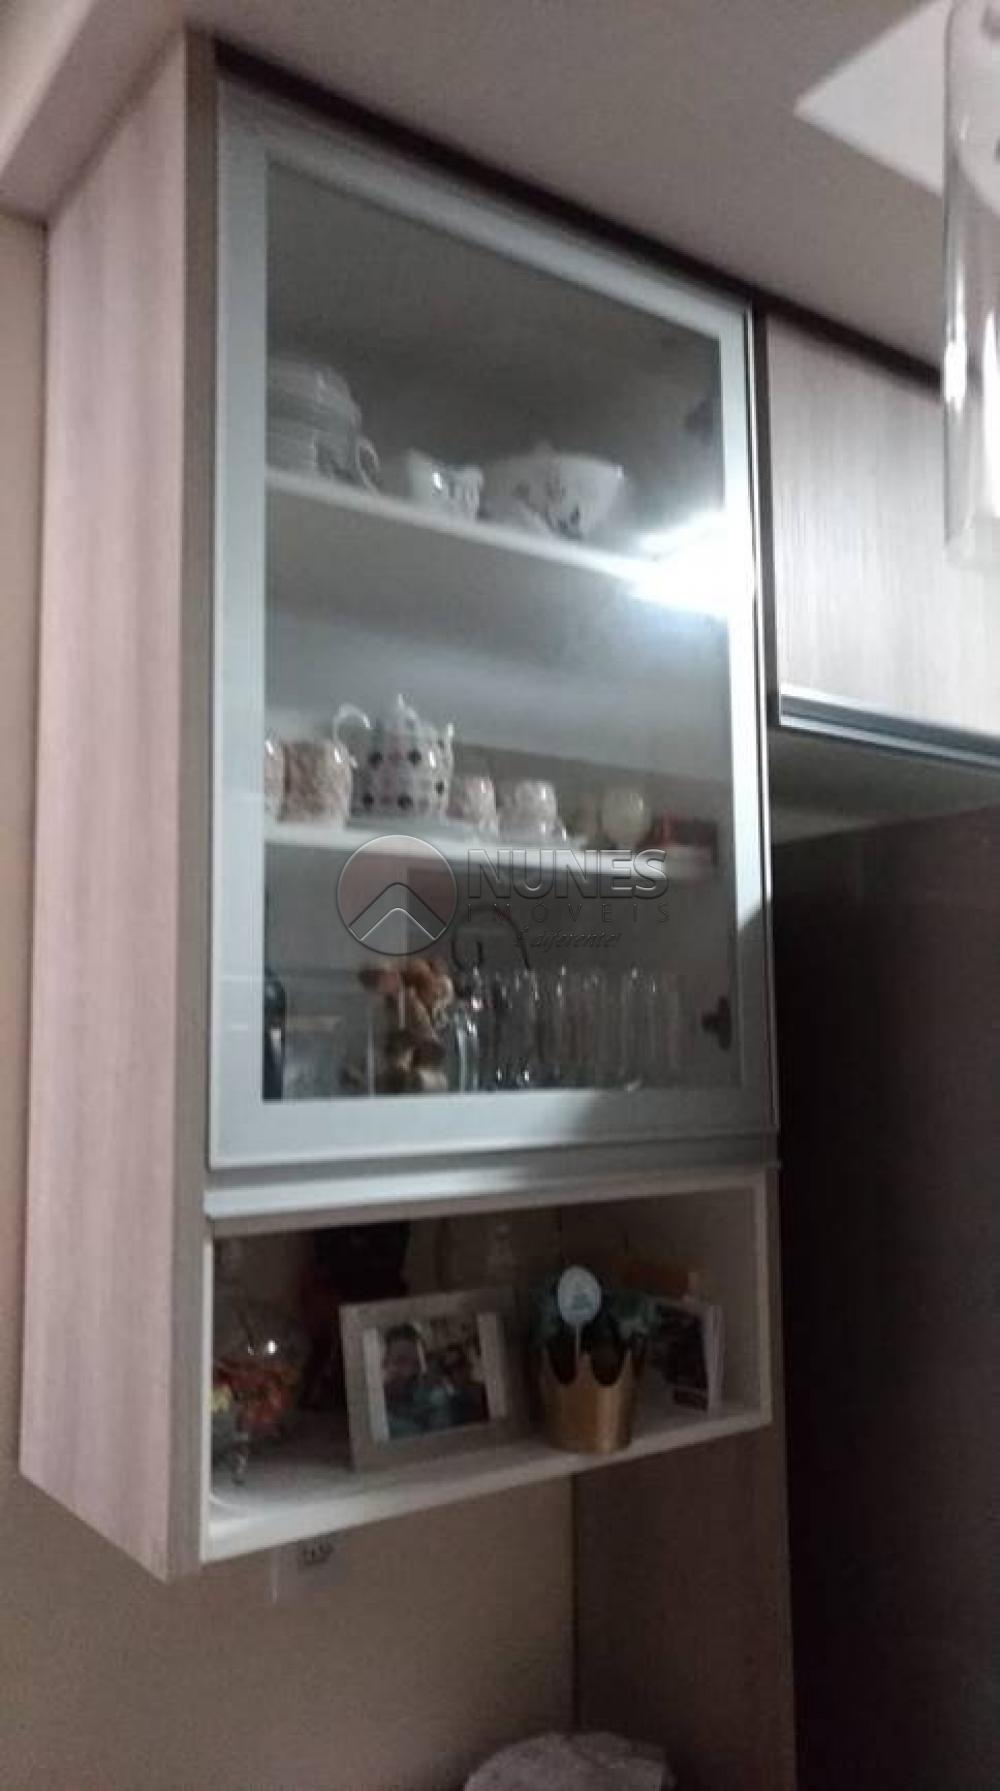 Comprar Casa / Sobrado em Condominio em Osasco apenas R$ 375.000,00 - Foto 6